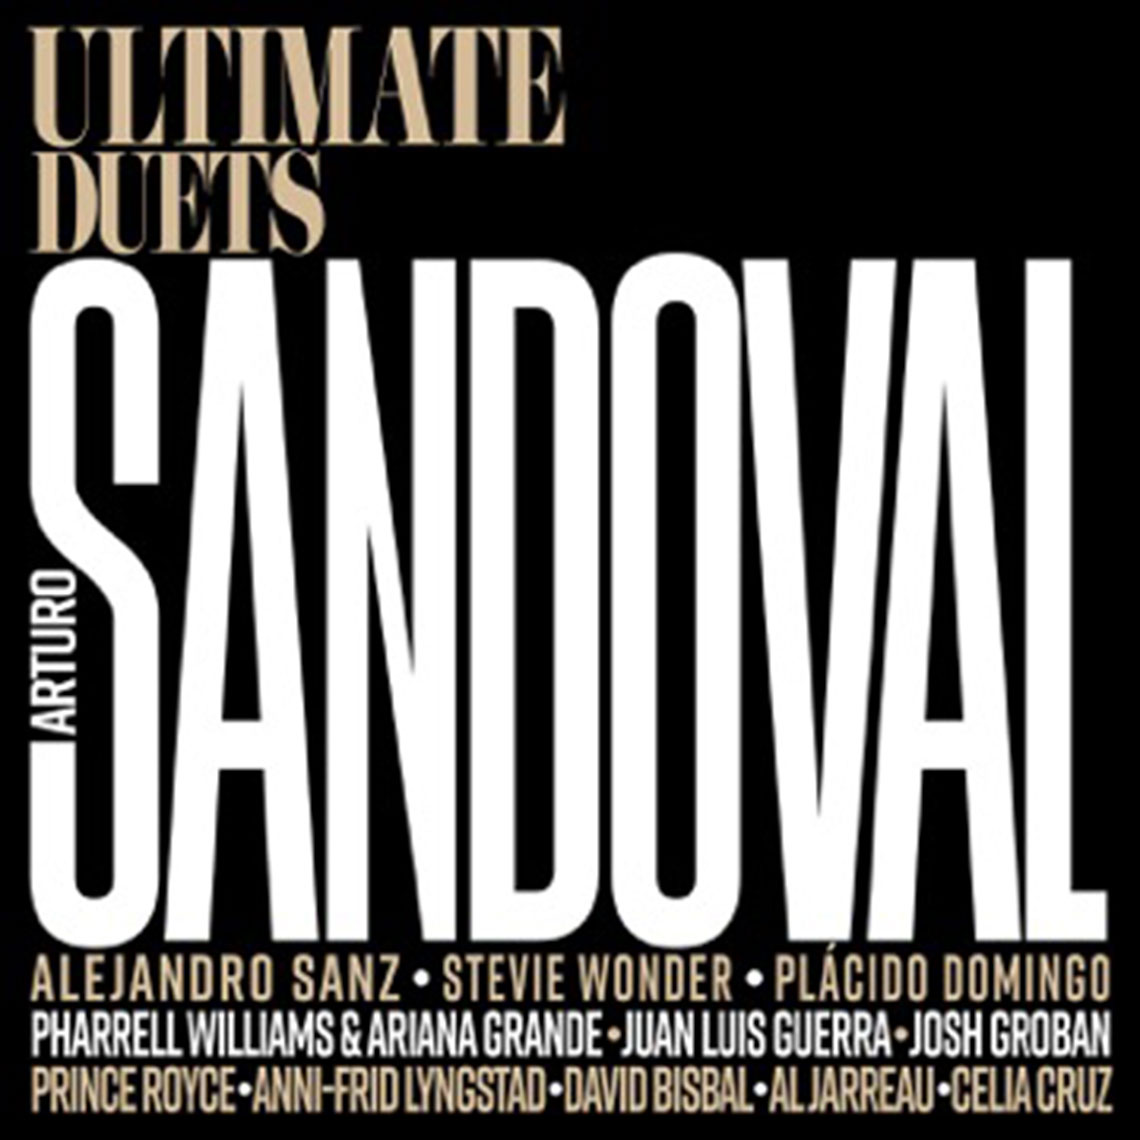 Portada del disco Untimate Duets de Arturo Sandoval